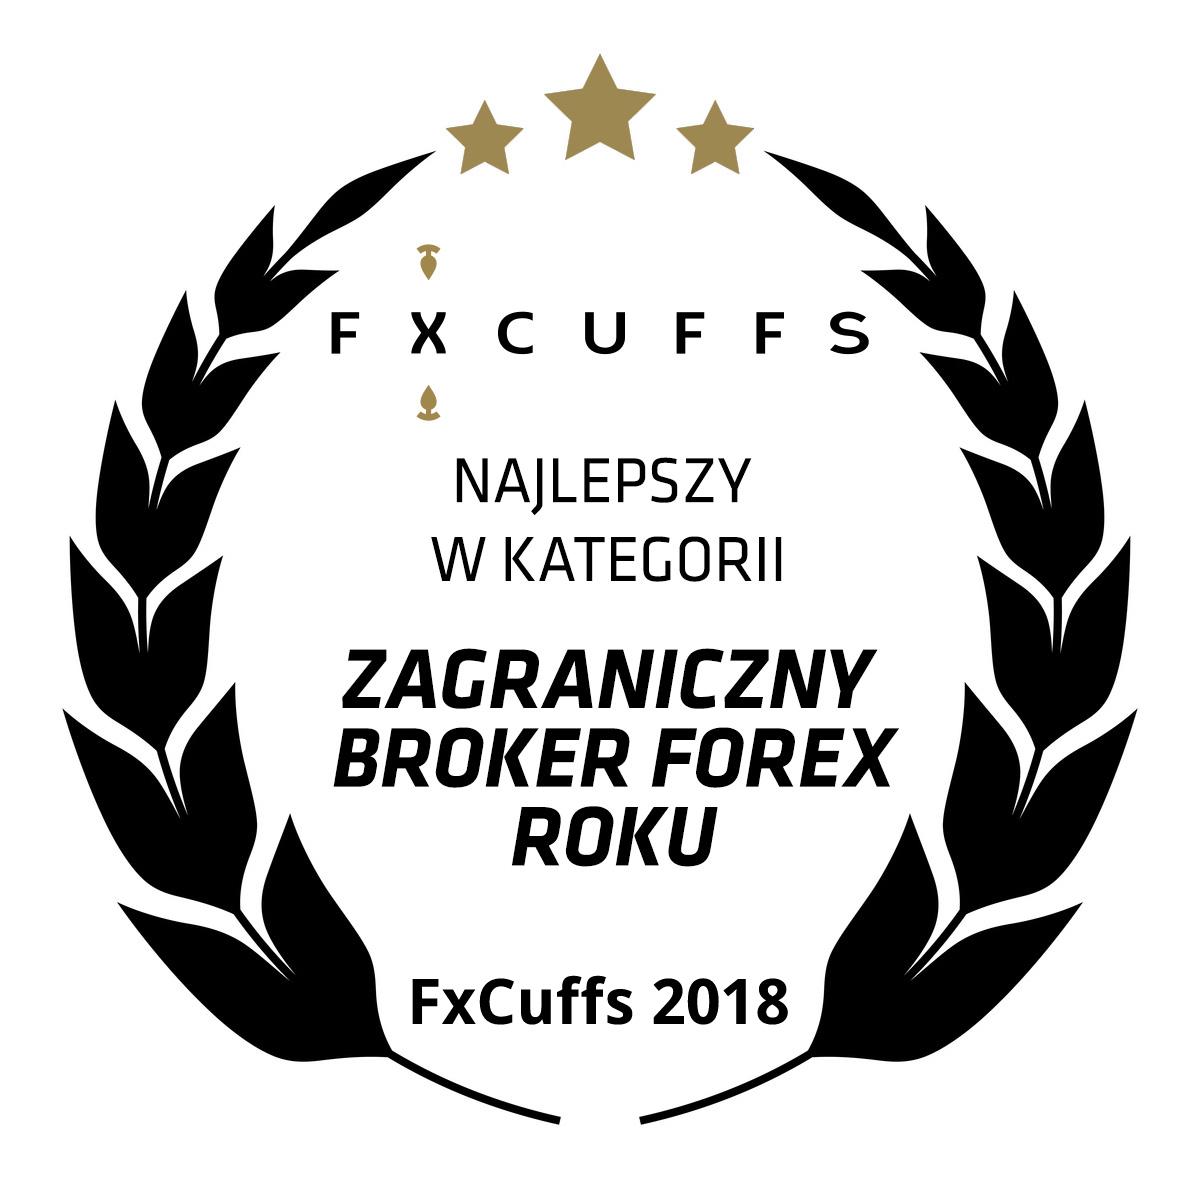 FxCuffs 2018 - Najlepszy Zagraniczny Broker Forex